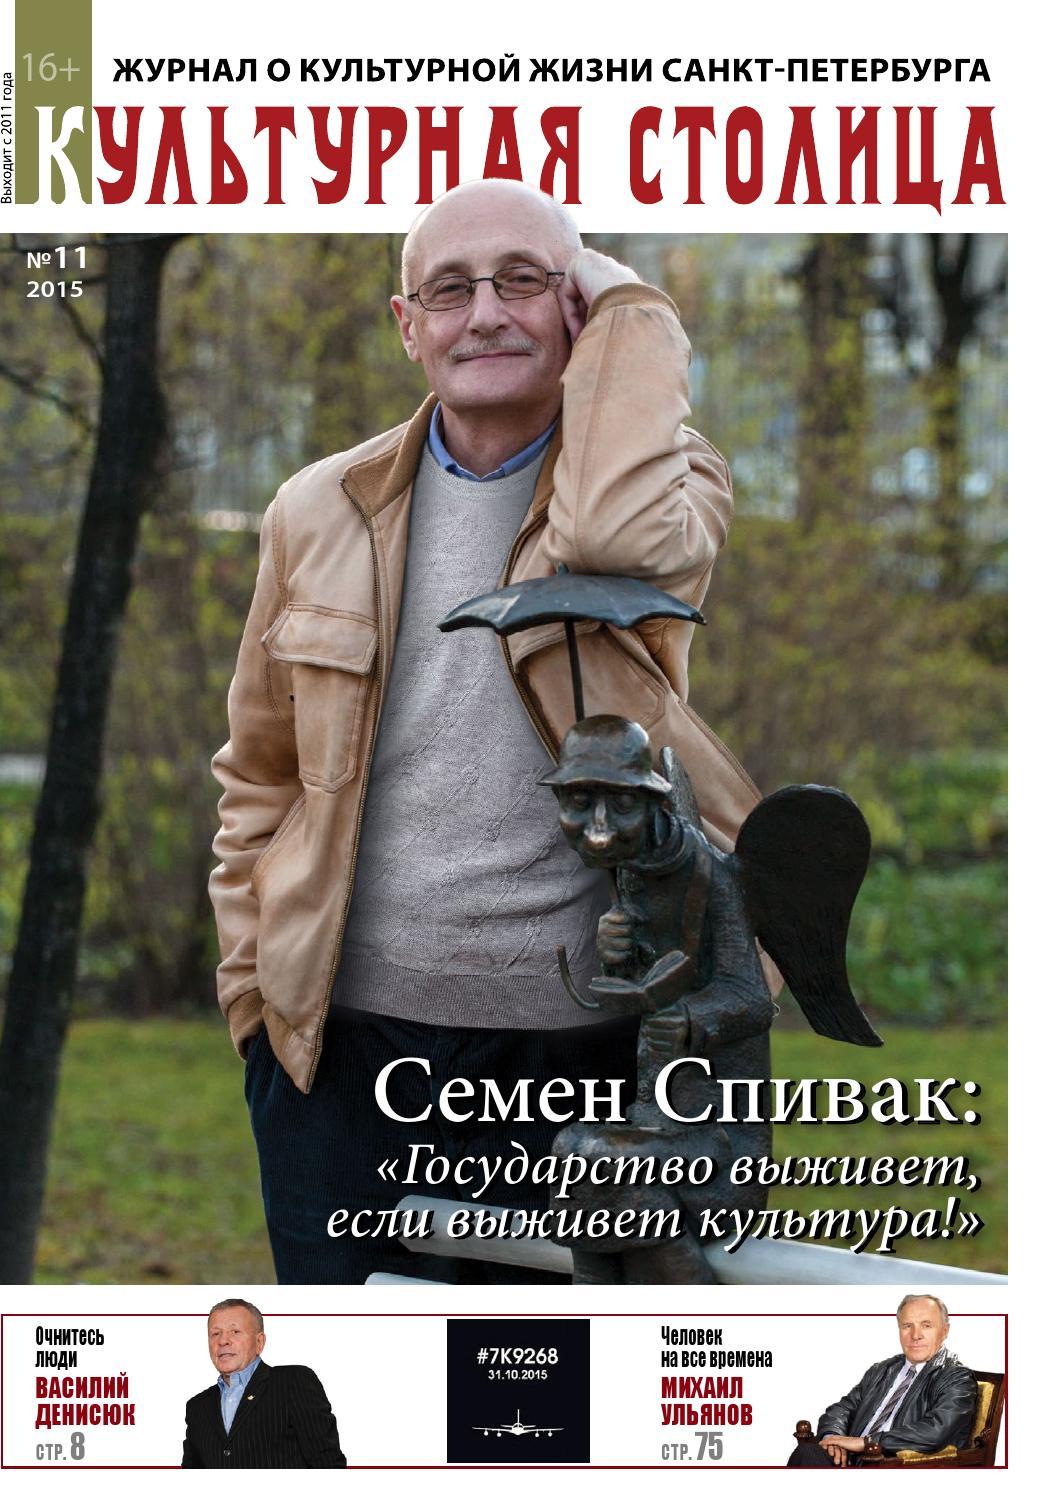 Эмилия Спивак Одевается – Медвежий Угол (2010)